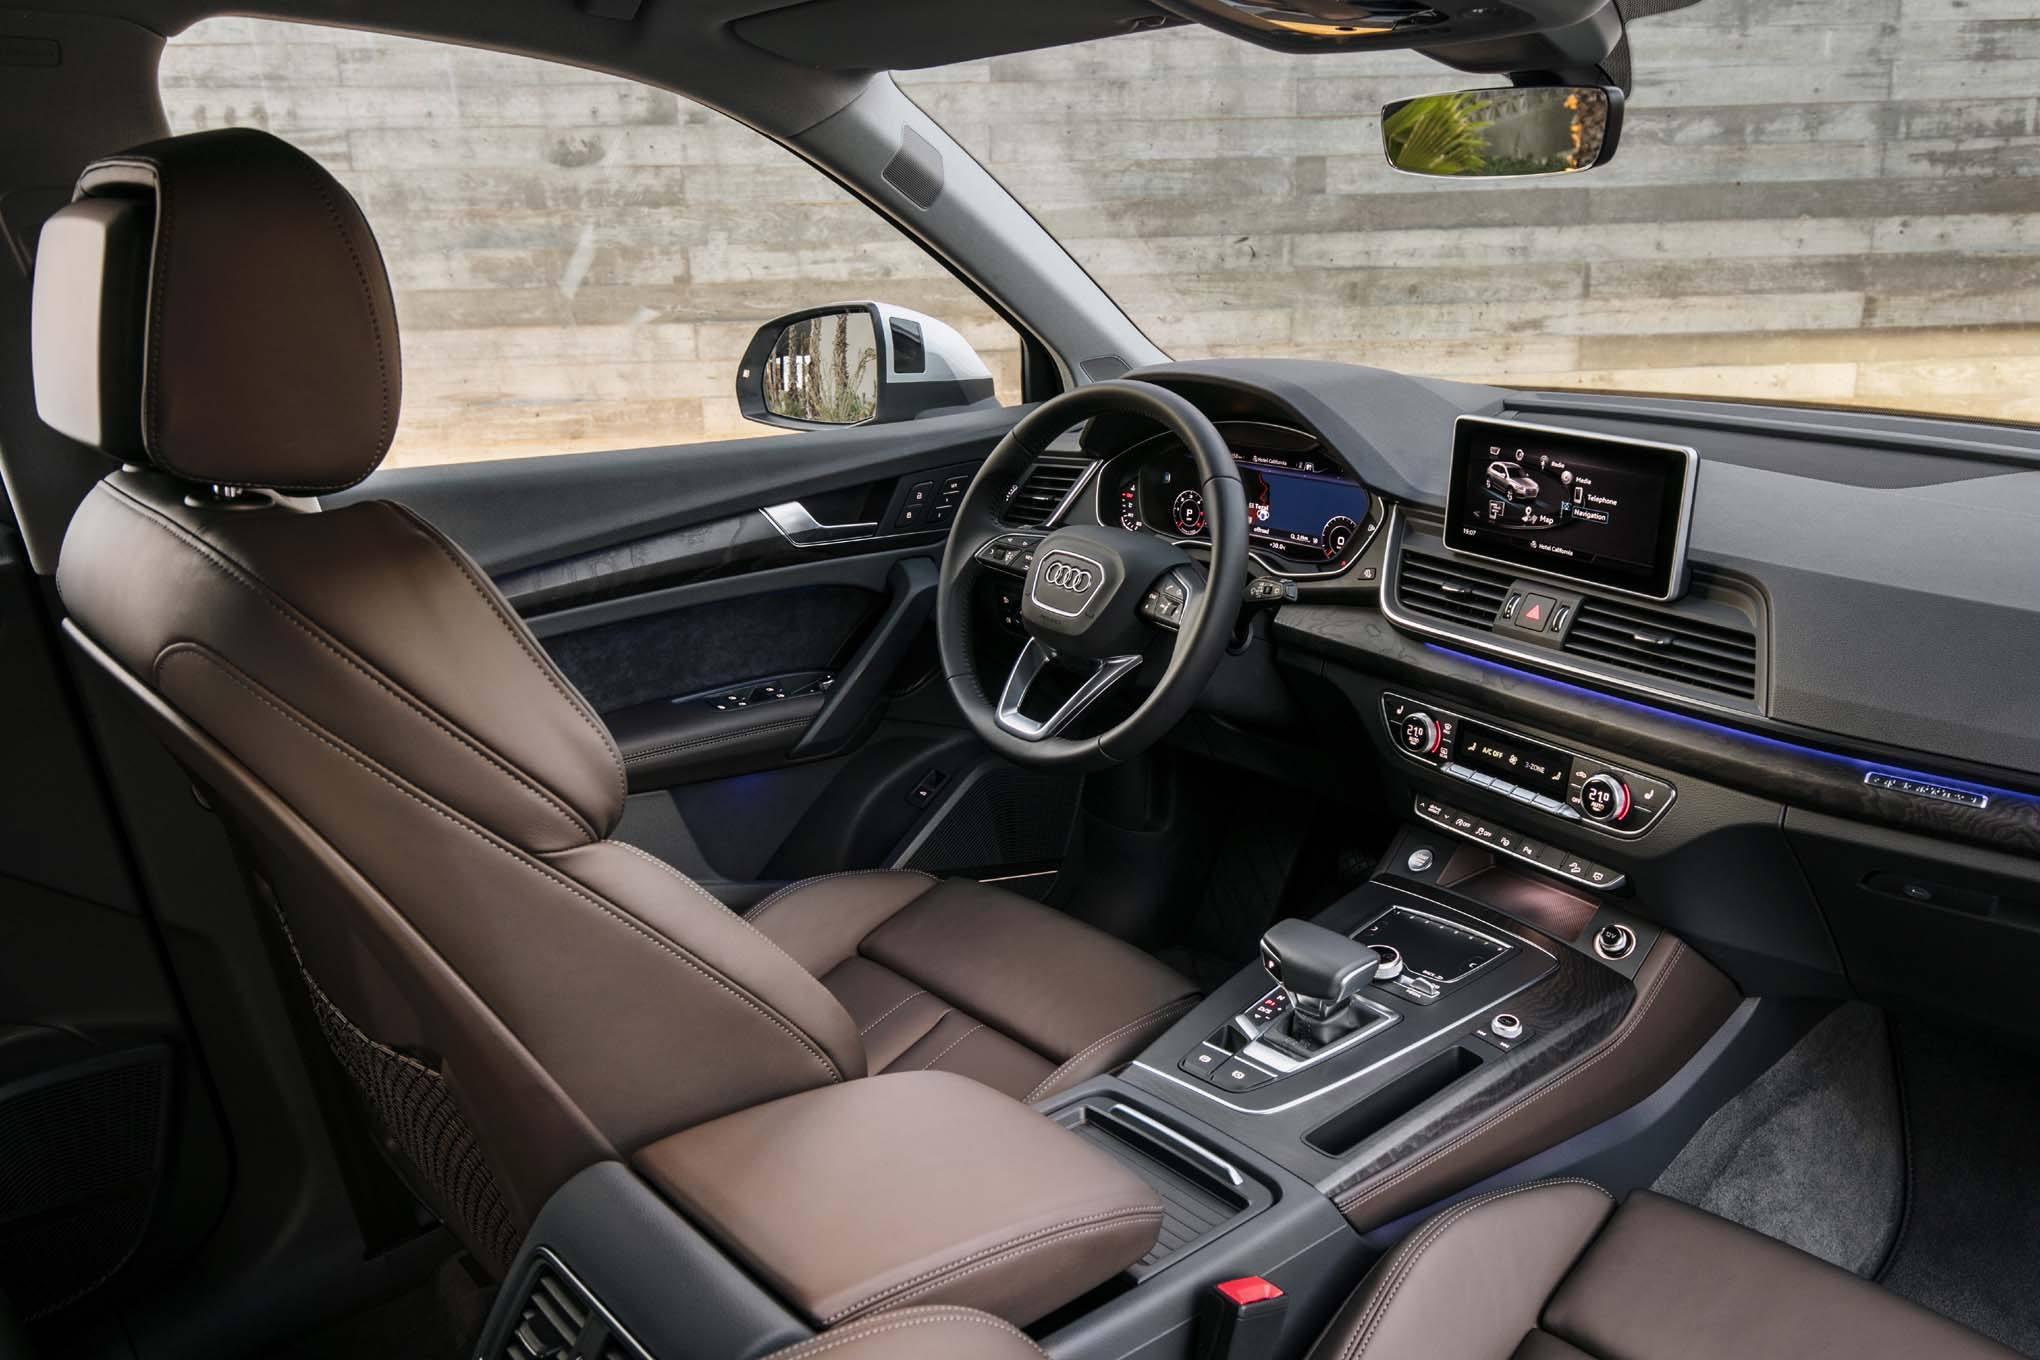 Kelebihan Kekurangan Audi Q5 2018 Harga